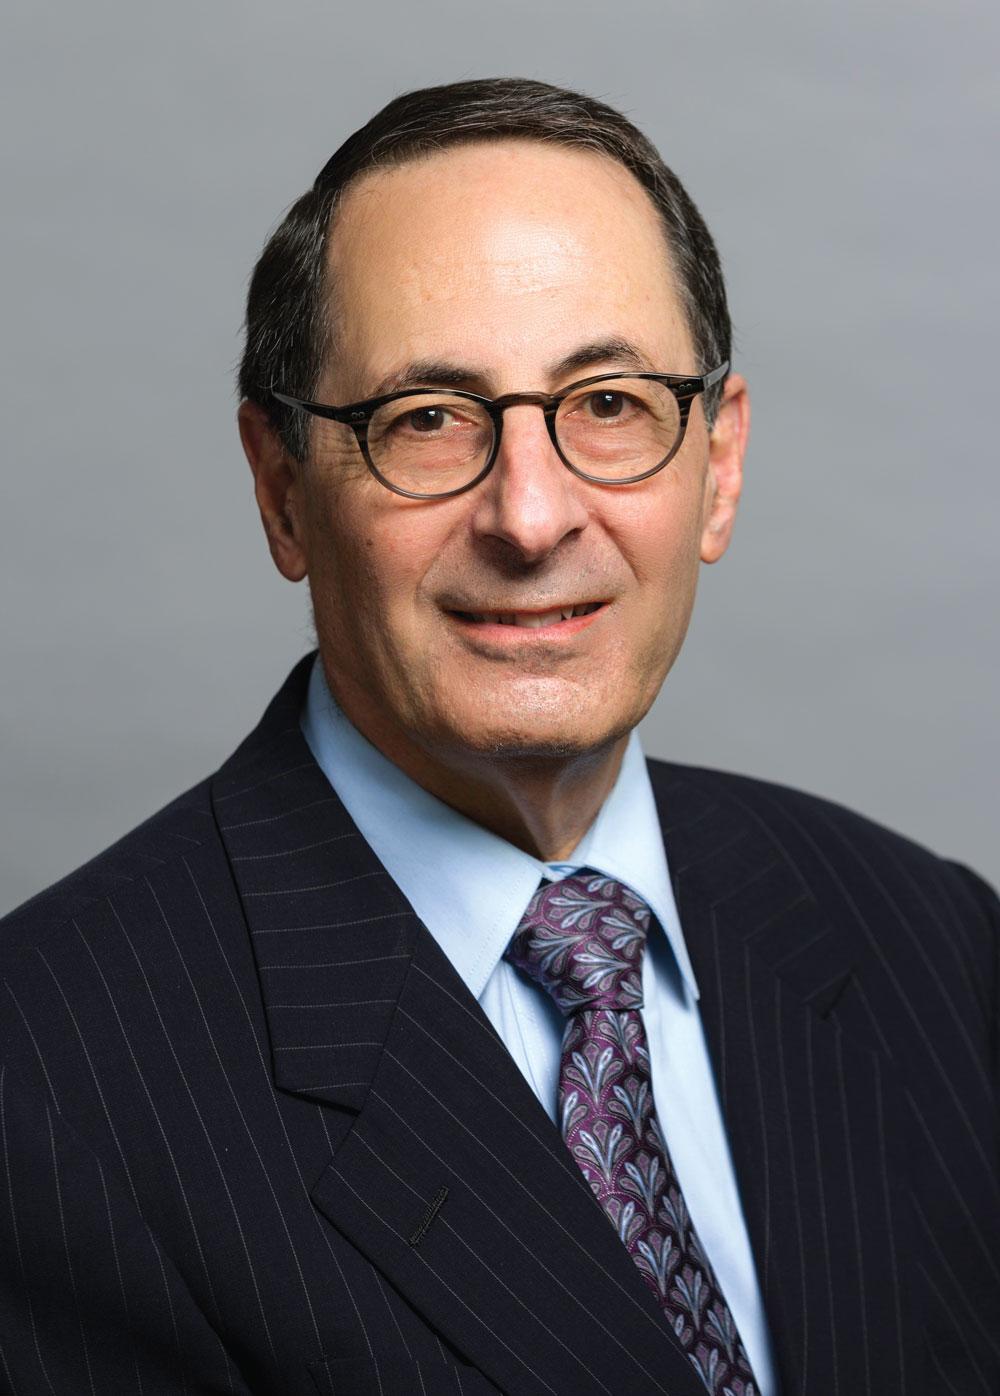 PHOTO COURTESY OF BARRY KRAMER, MD, MPH